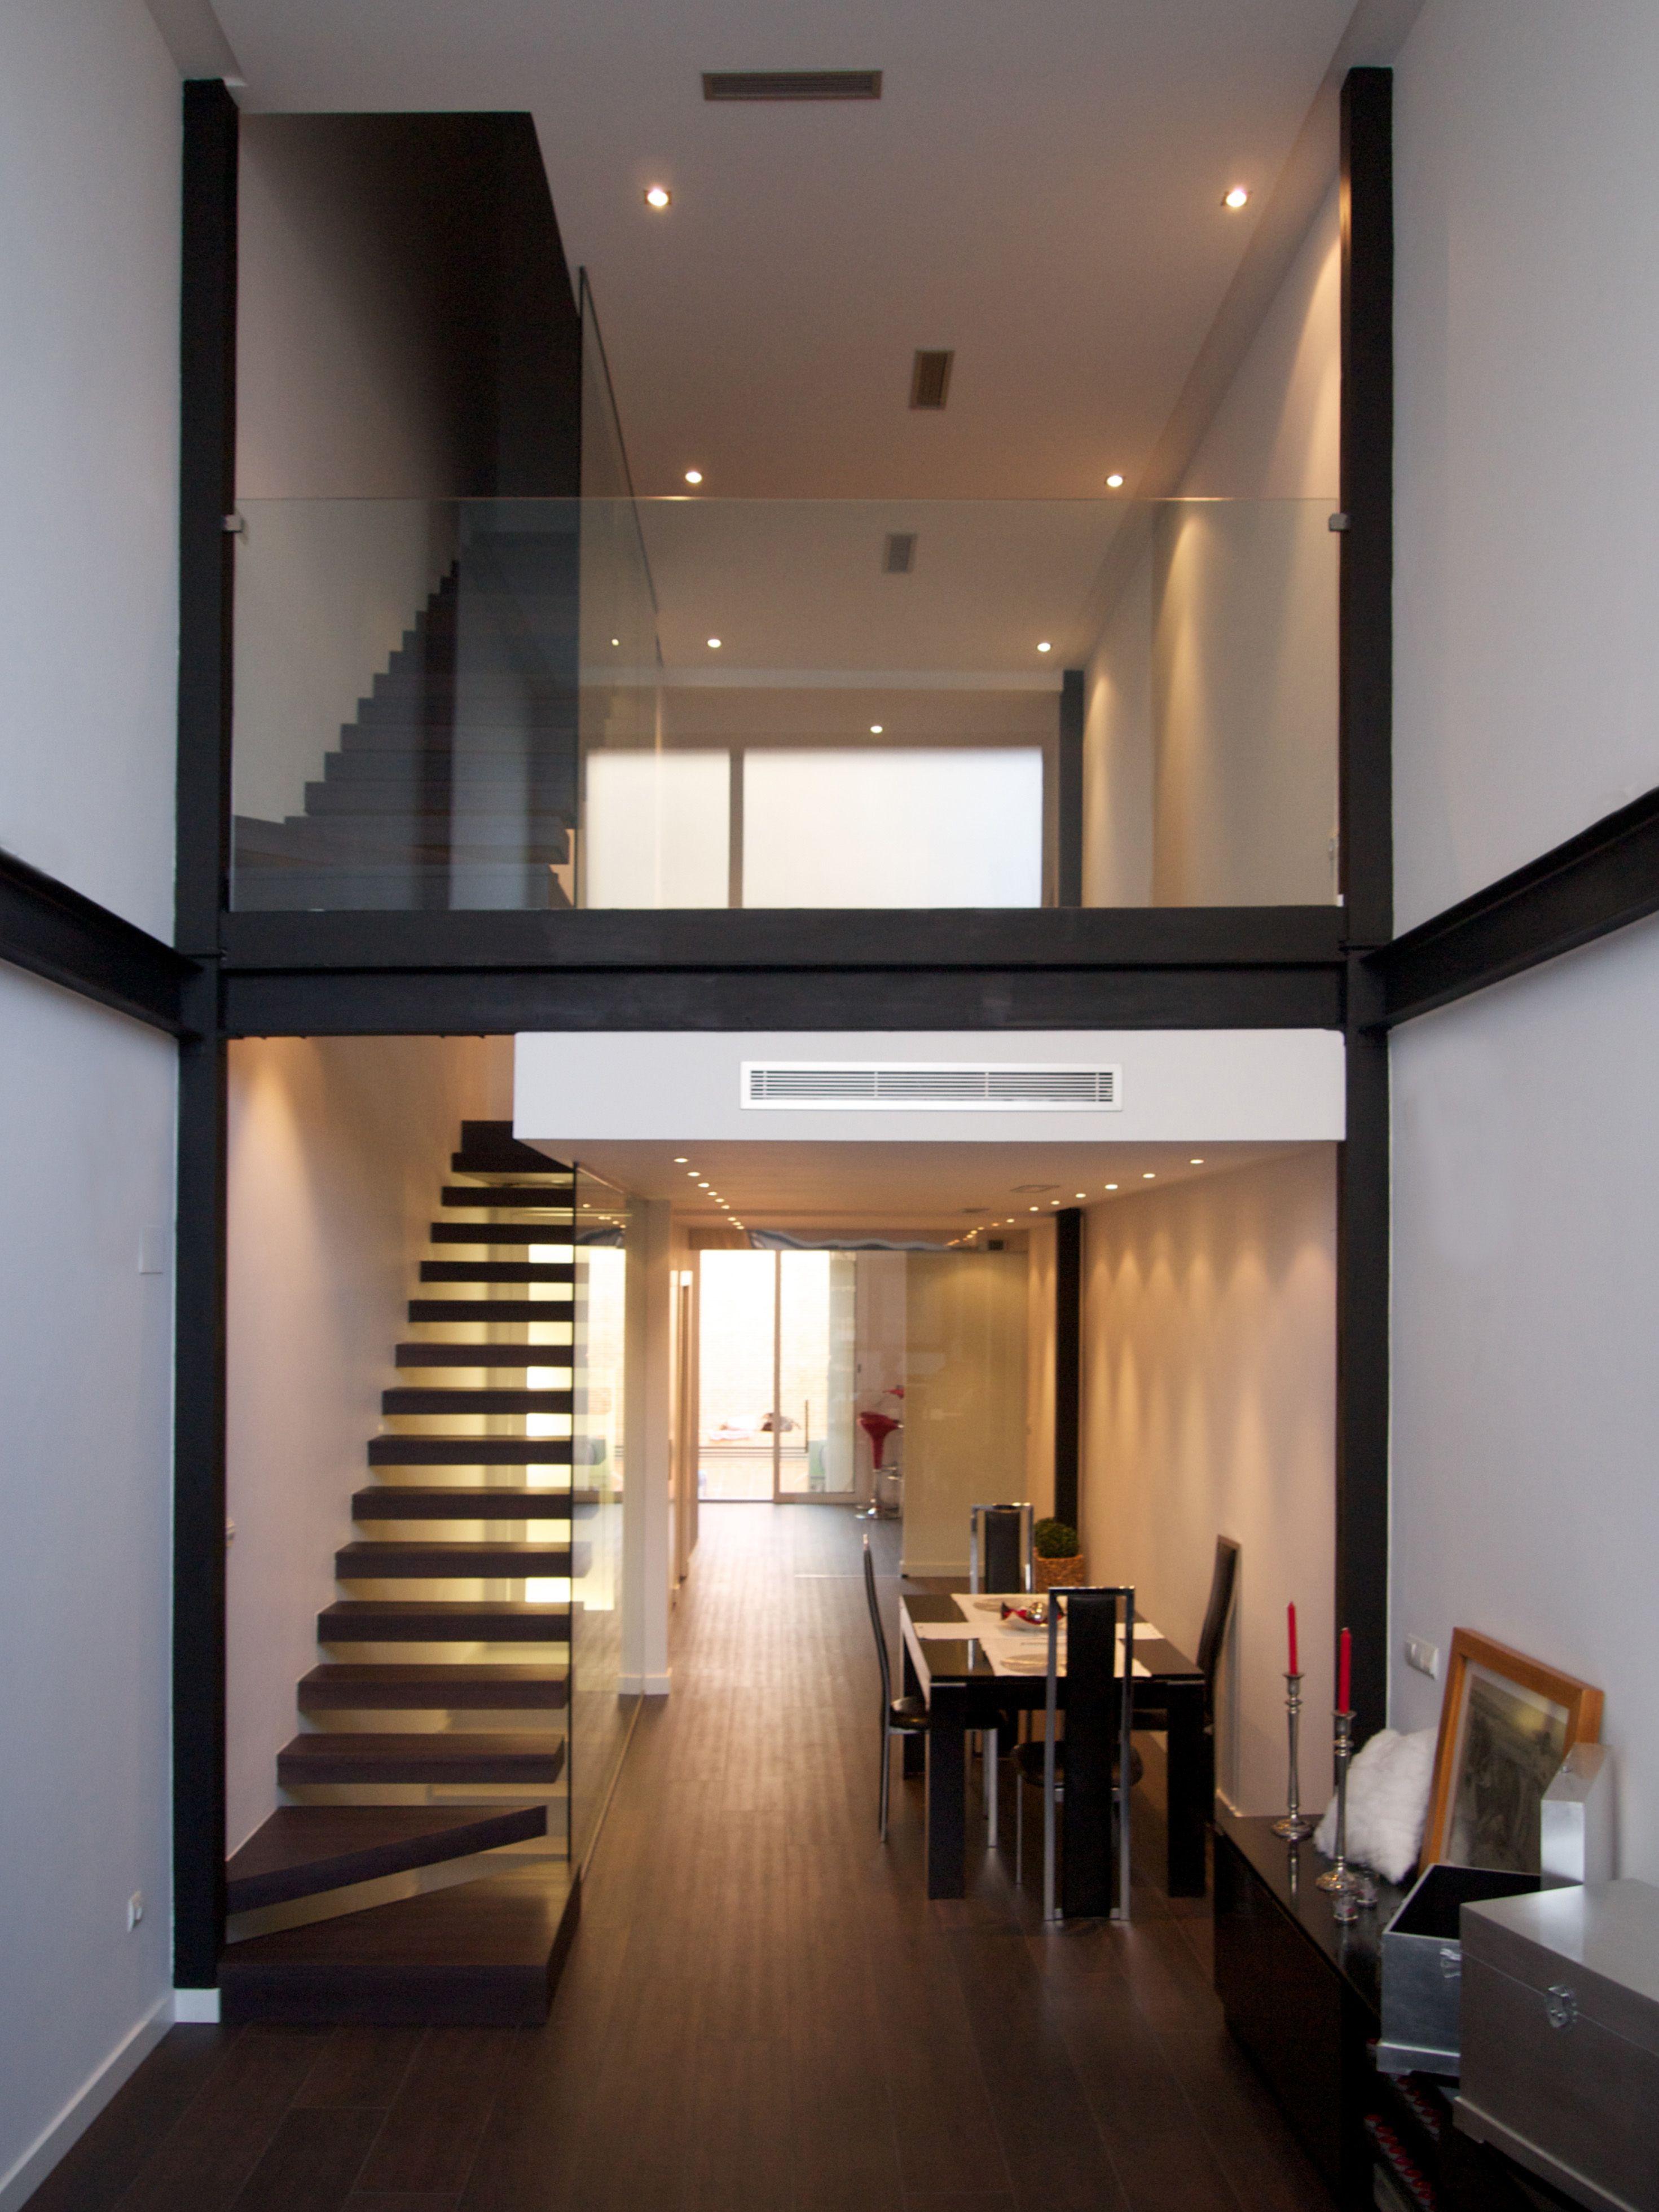 Doble altura en vivienda unifamiliar 3M de tres metros de